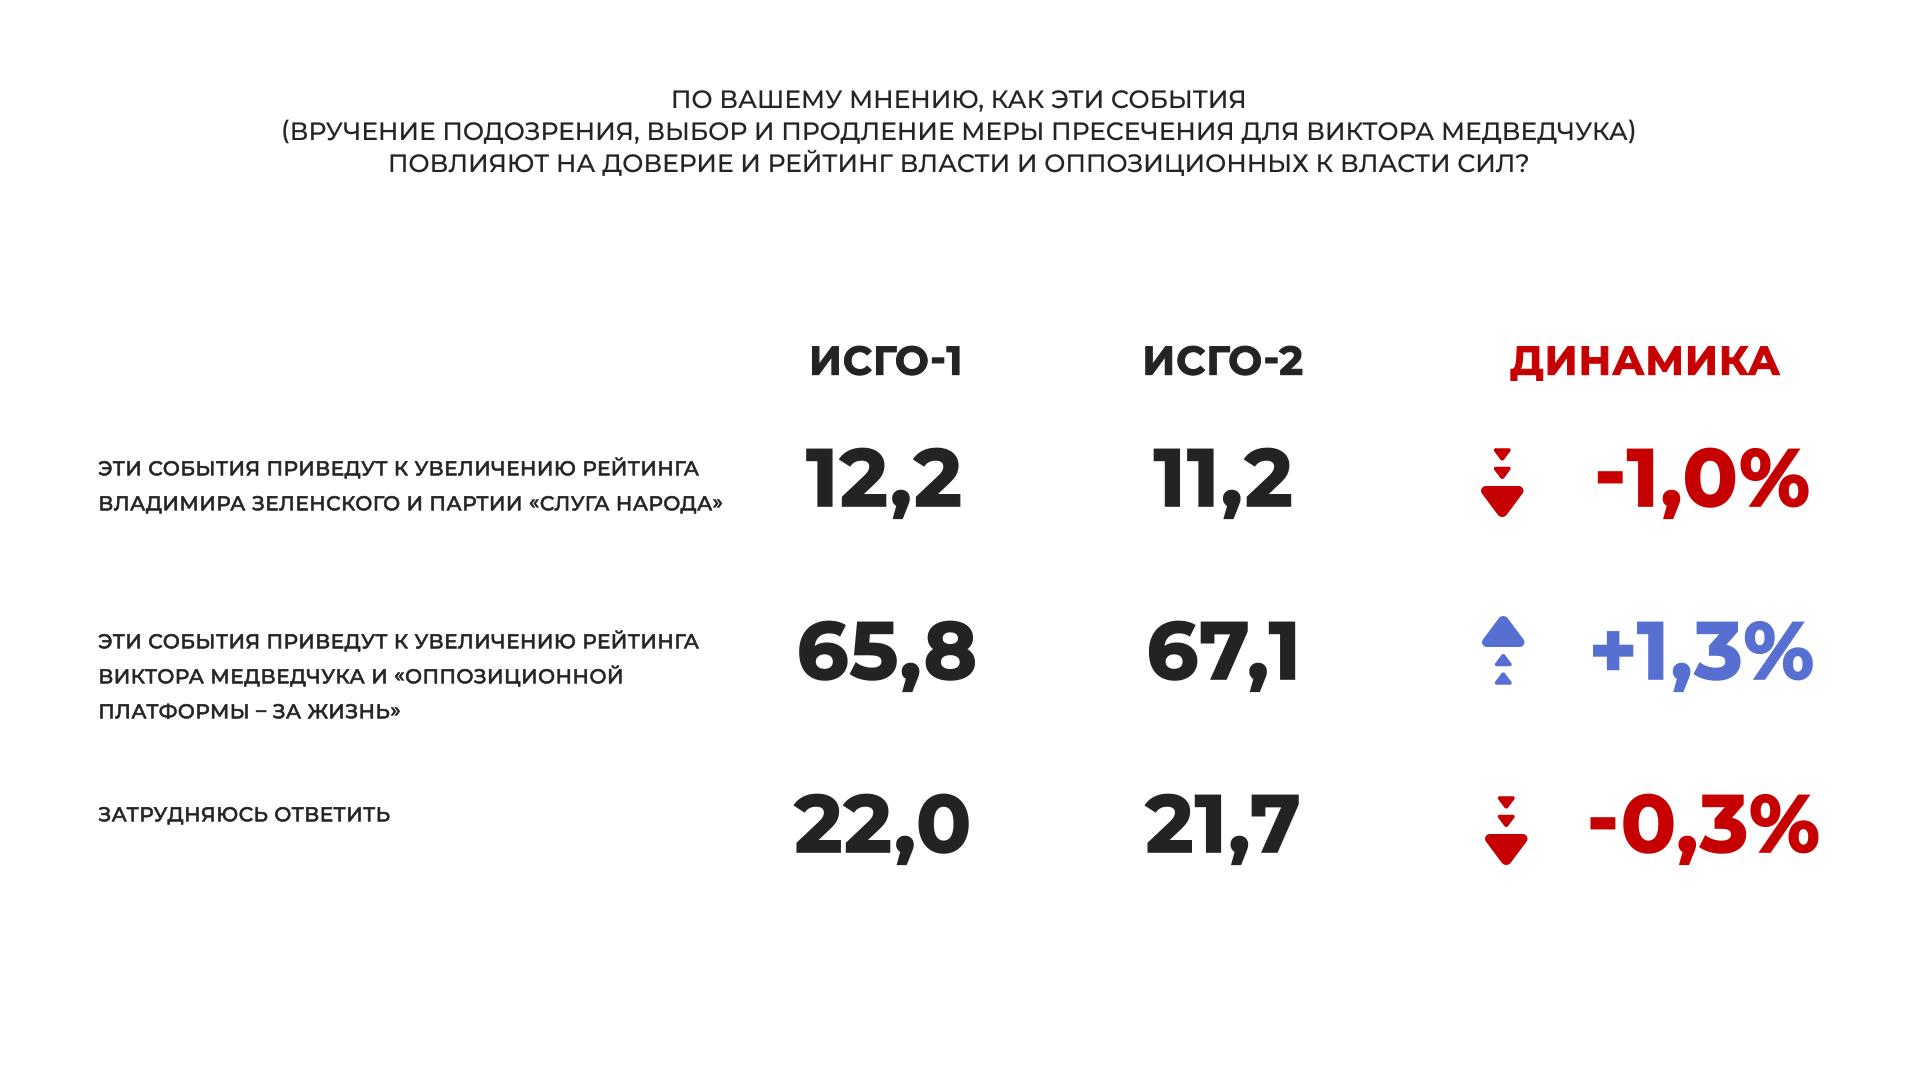 """На парламентських виборах до Ради проходять чотири партії, лідирують """"Опозиційна платформа – За життя"""" і """"Слуга народу"""", – соцопитування"""